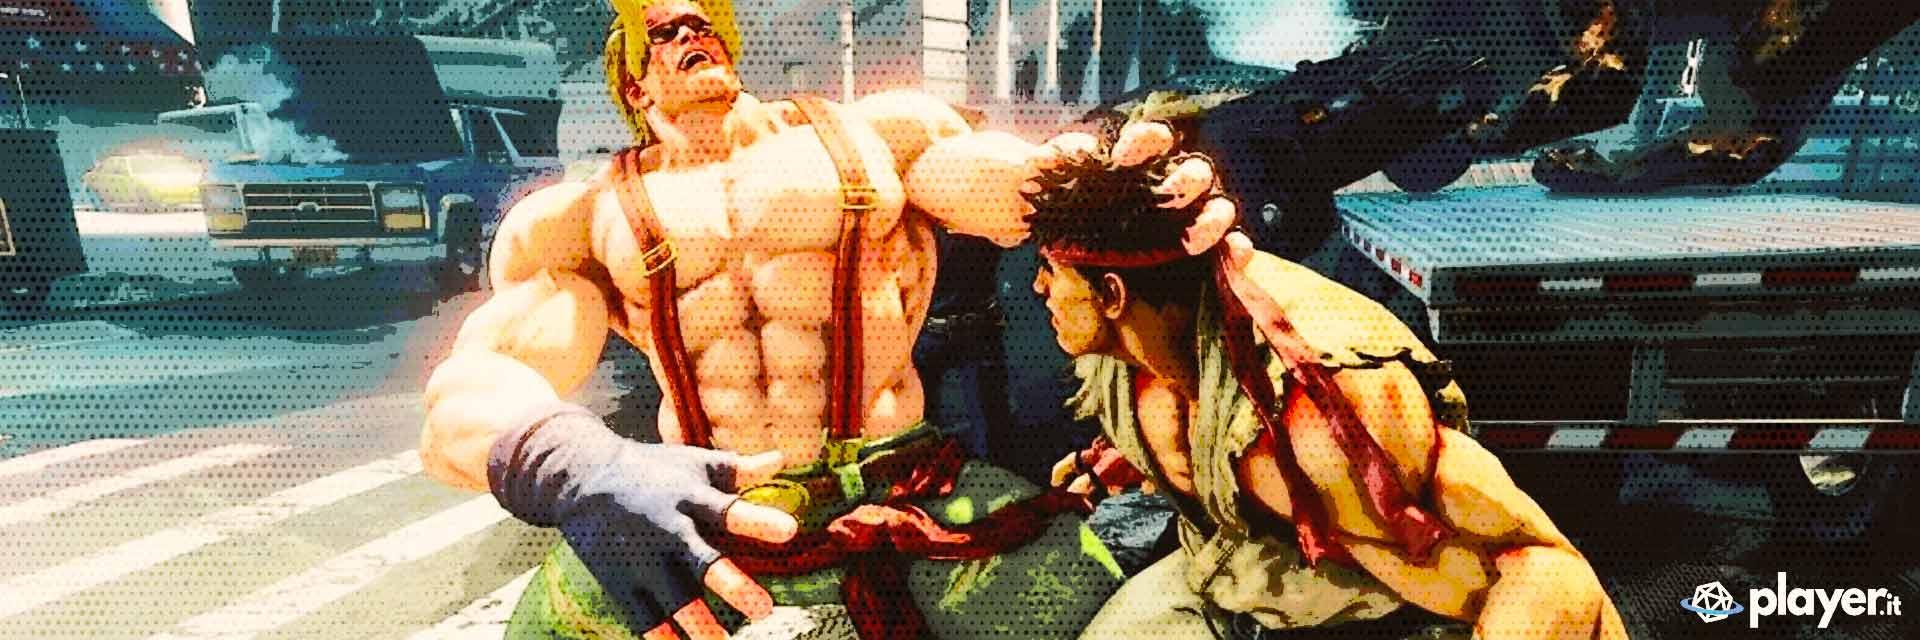 street fighter V wallpaper in hd